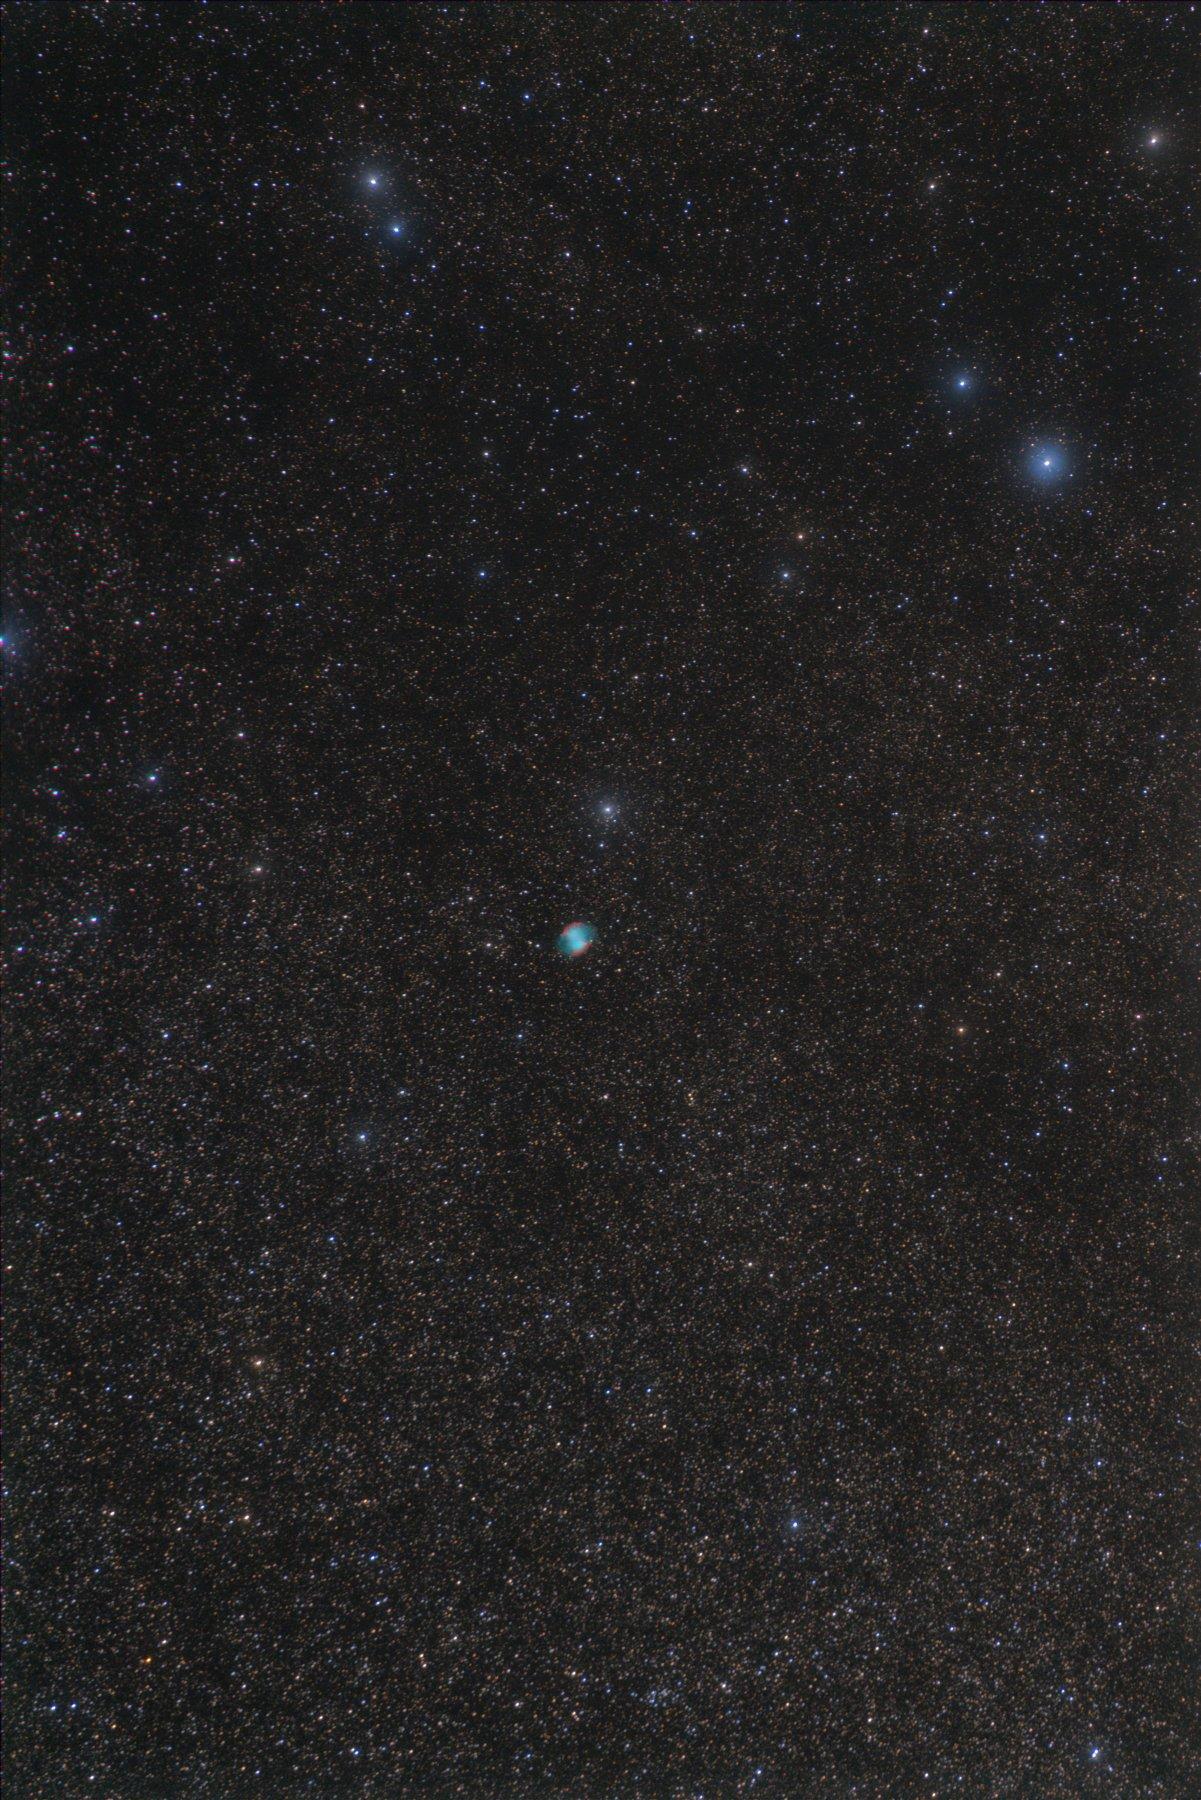 【星雲】M27 亜鈴状星雲 (・∀・)アレ?